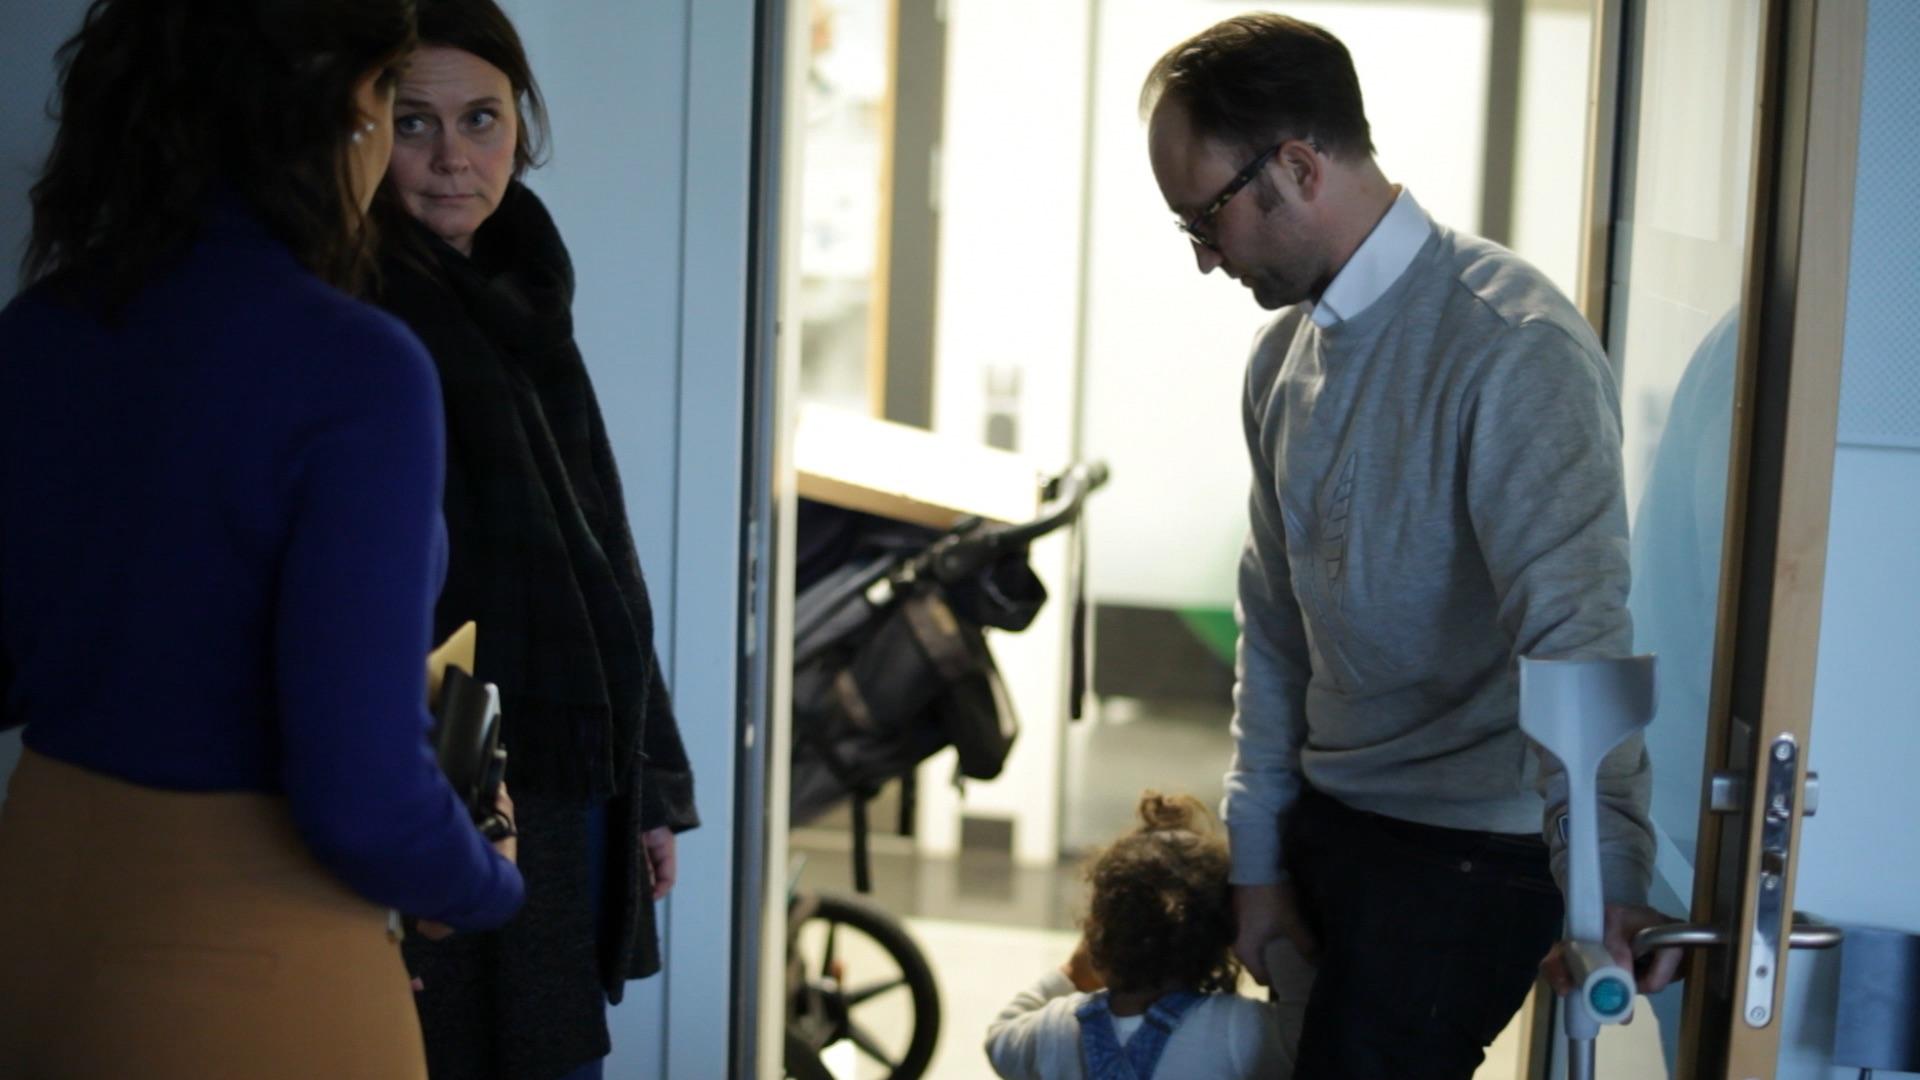 11 Mamma klager i gangen.jpg